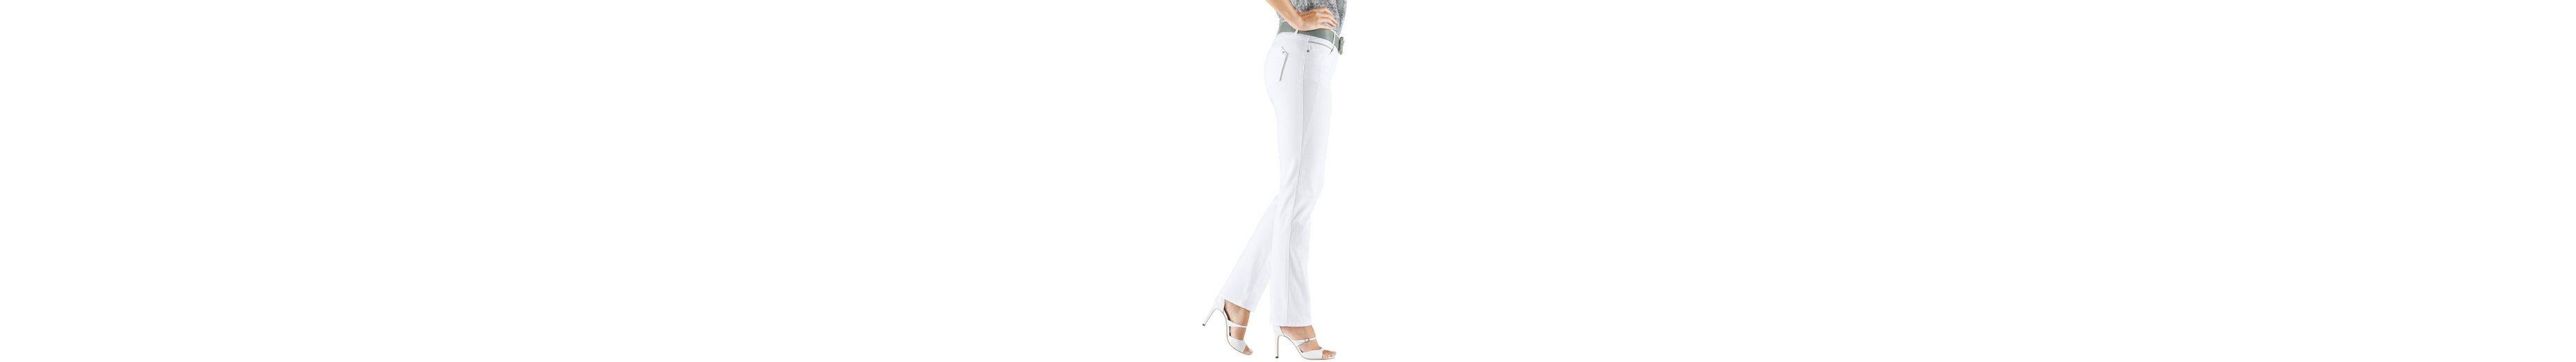 Classic Inspirationen Jeans mit Zierperlenbänder Neue Angebote xDahITk